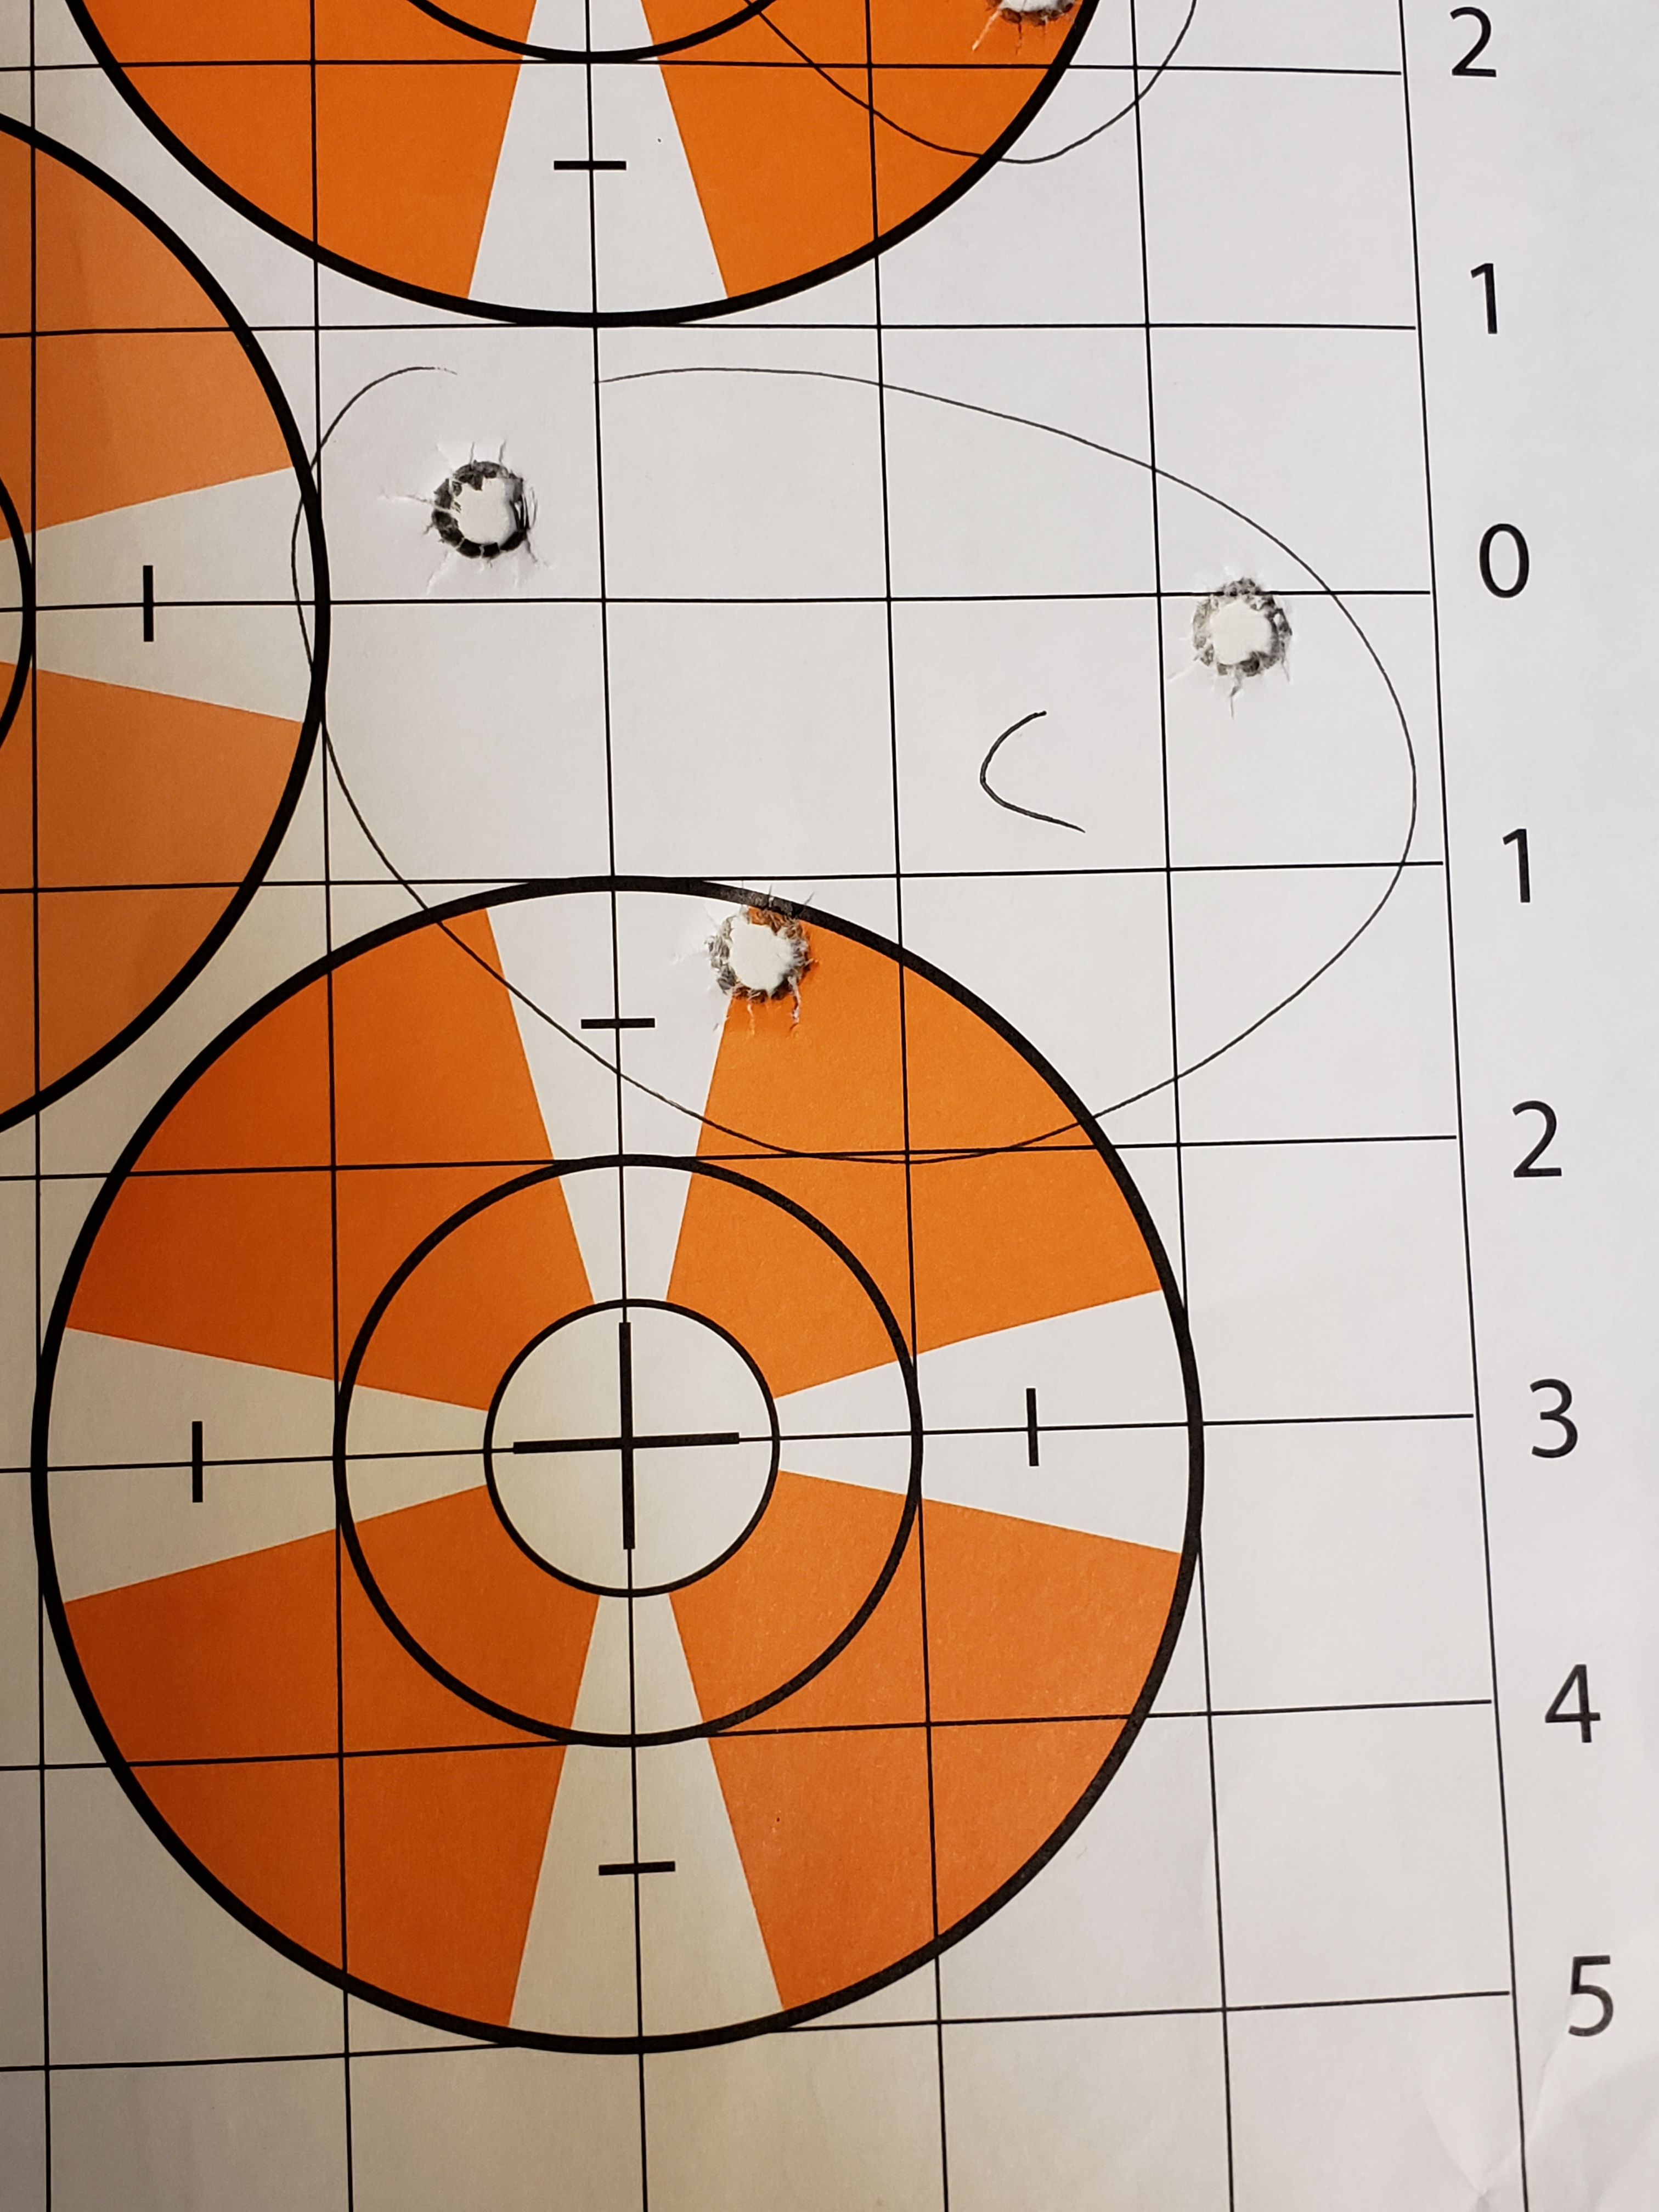 Range report - several guns shot! — gunsandammo